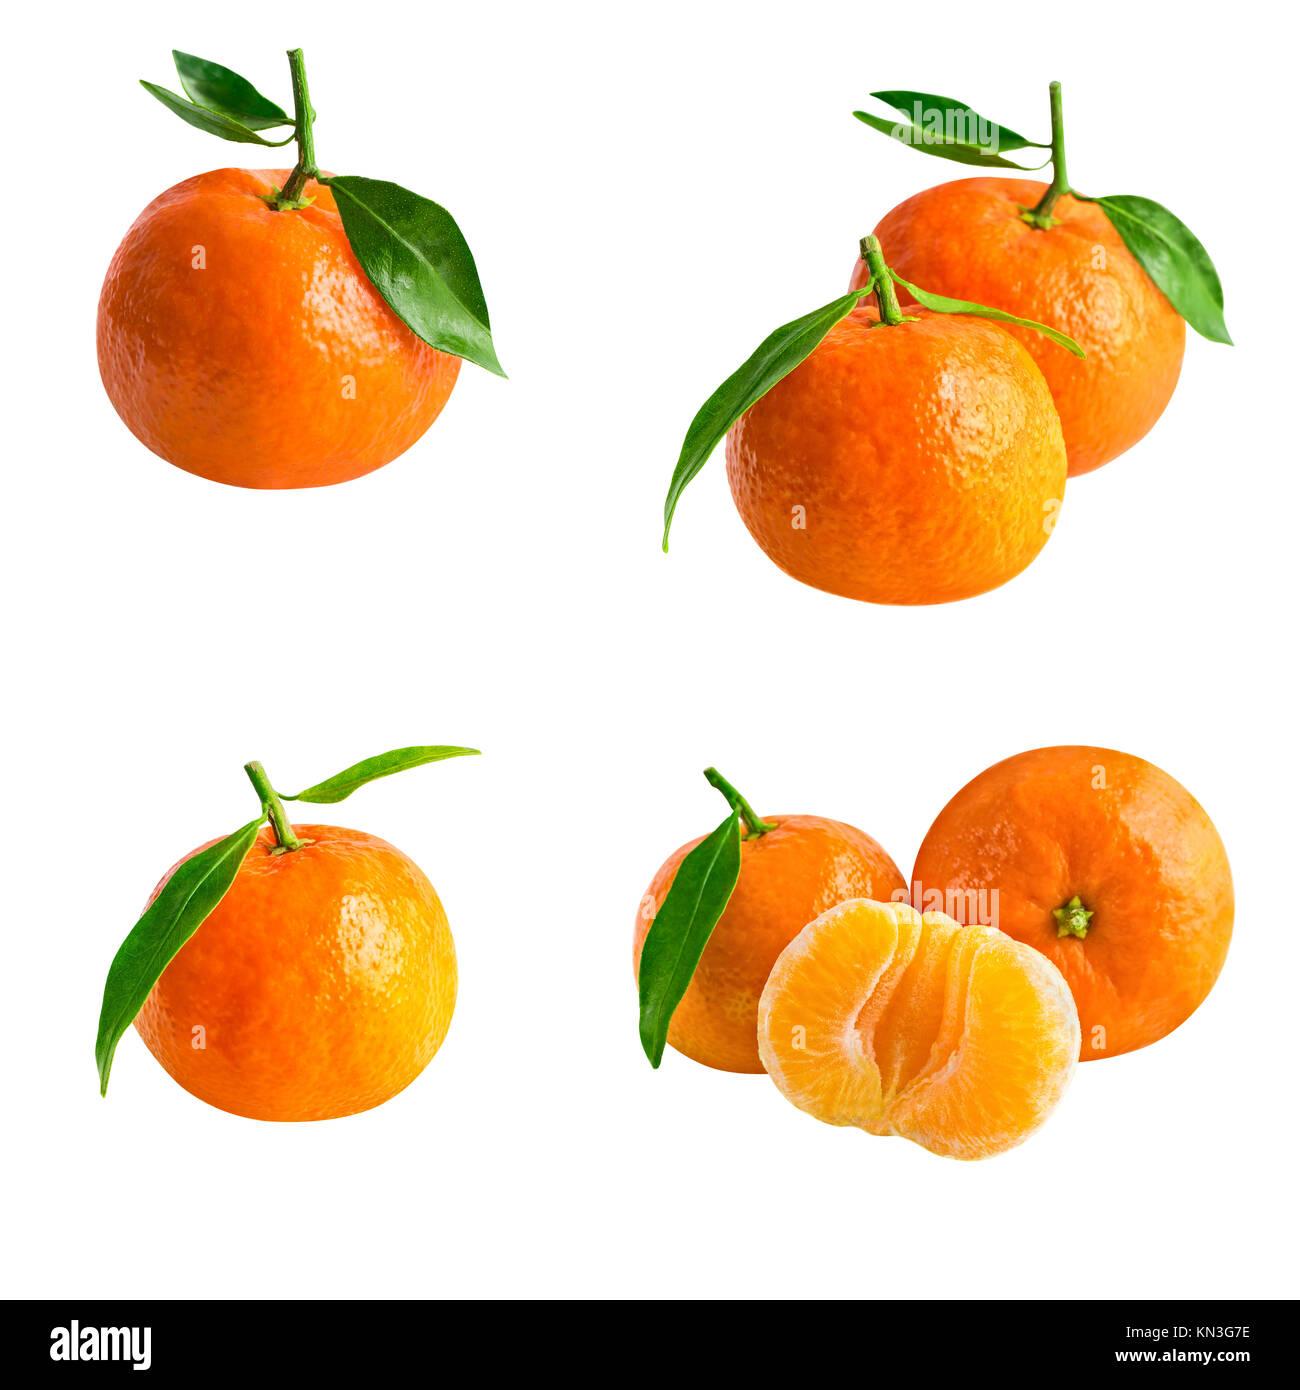 Mandarinas aislados o mandarina. Colección de las mandarinas frescas con  leaf aislado en blanco f819f0ea573f